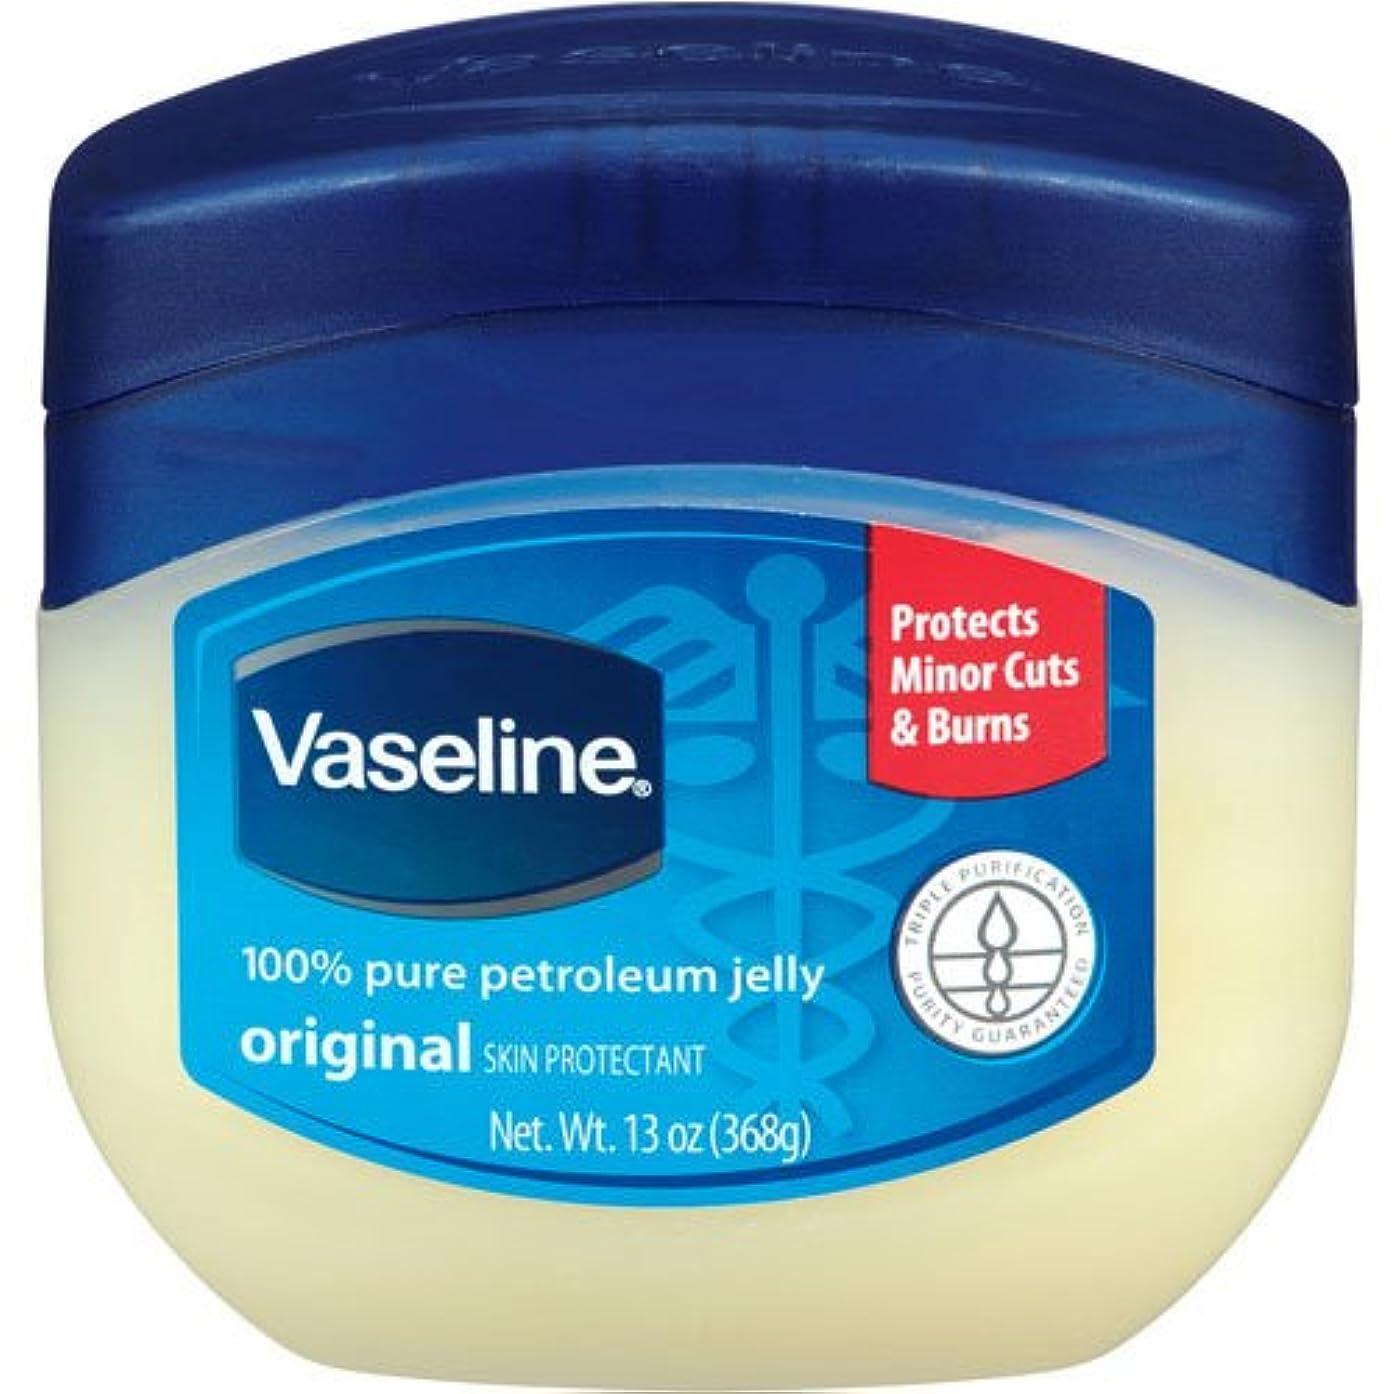 教え虚栄心まさにヴァセリン [Vaseline]ペトロリュームジェリージャータイプ[保湿クリーム]368g[並行輸入品]